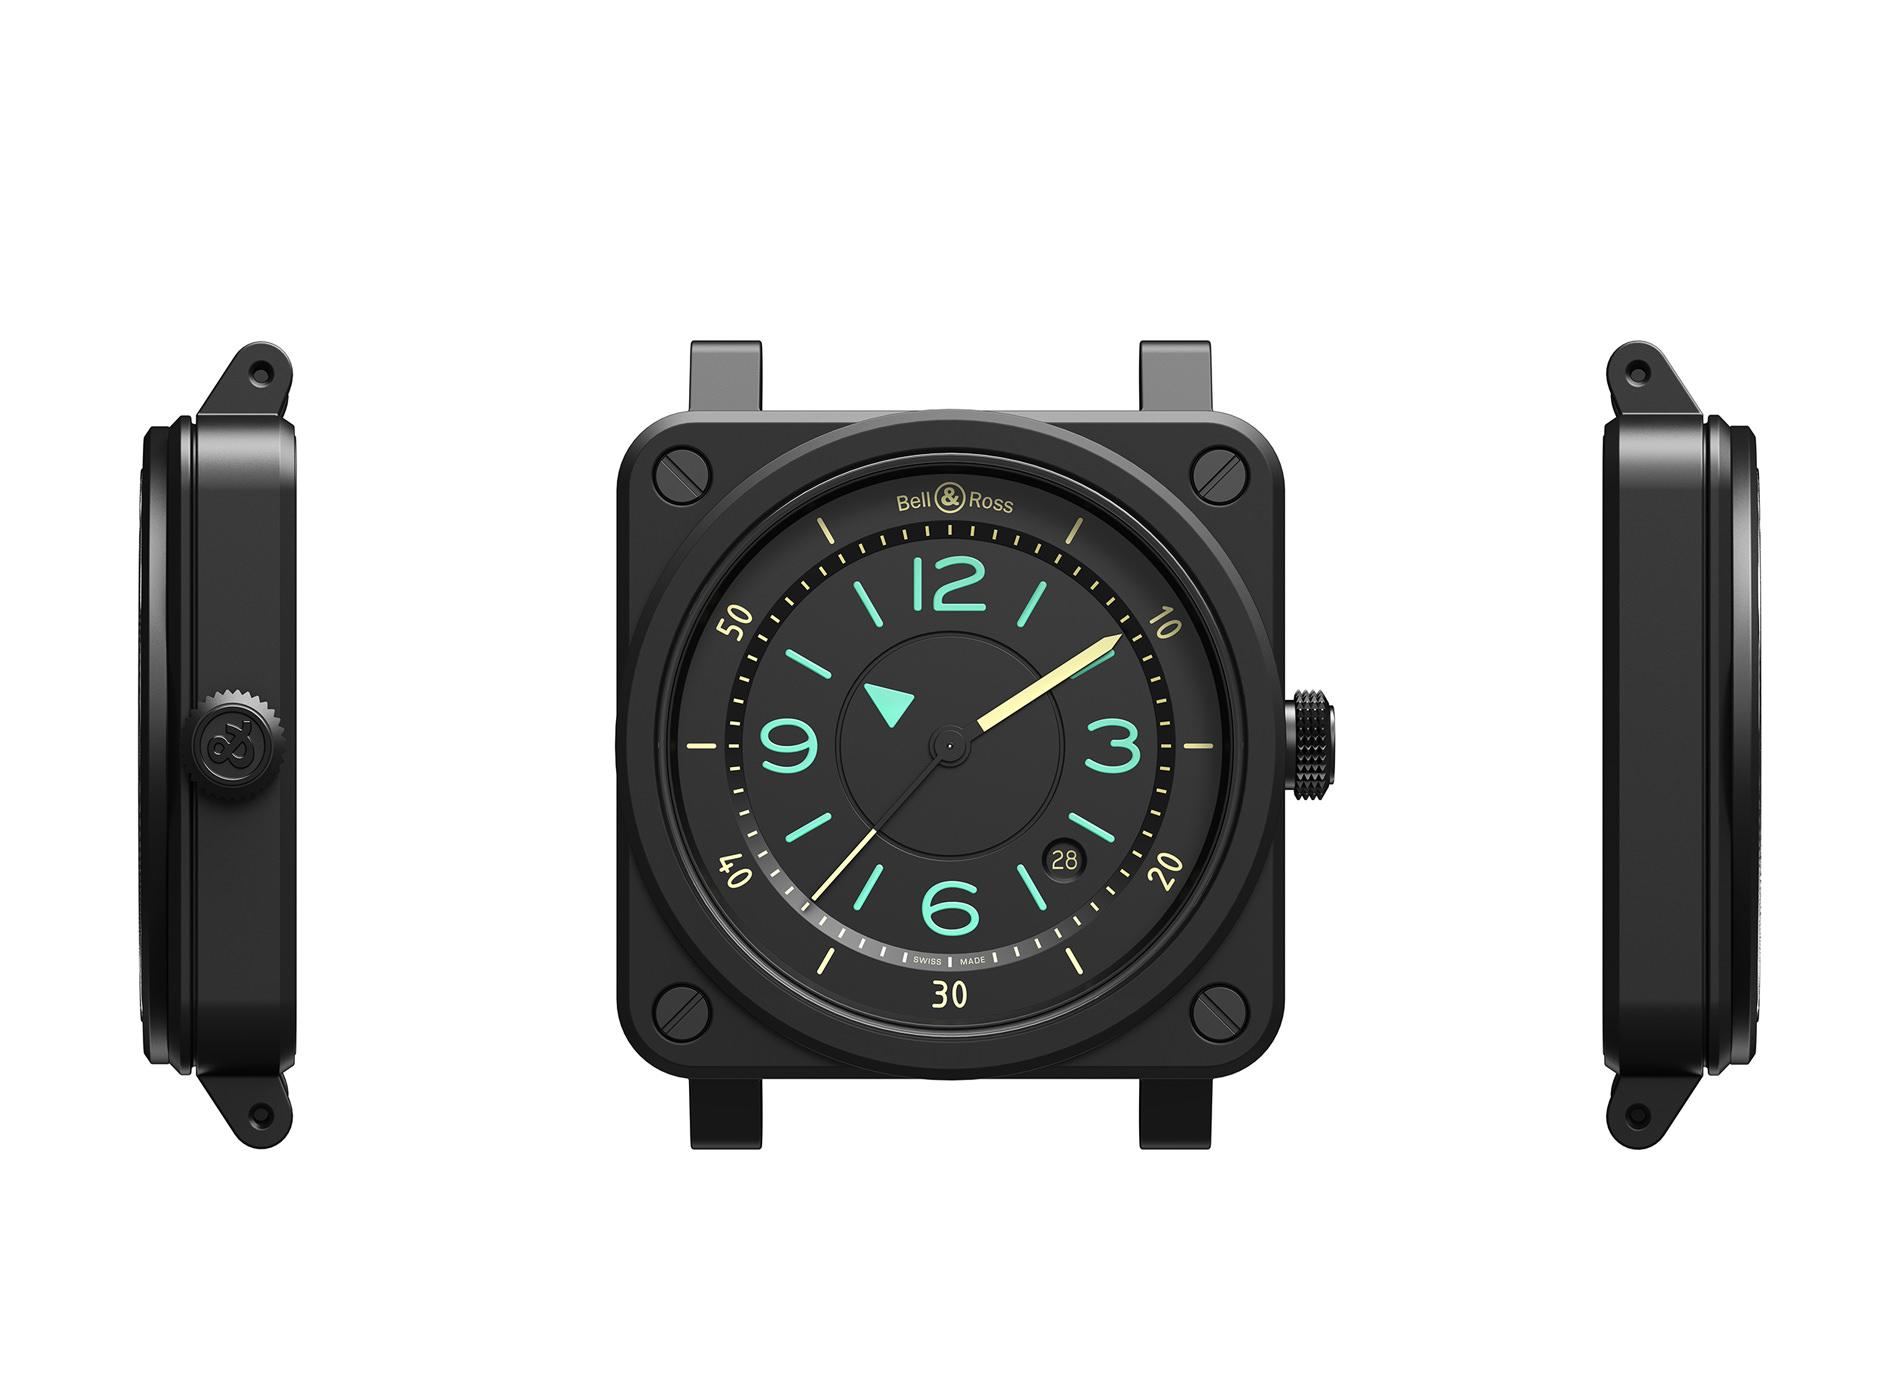 Montre Bell & Ross 03 92 Bi Compass Profil Epaisseur